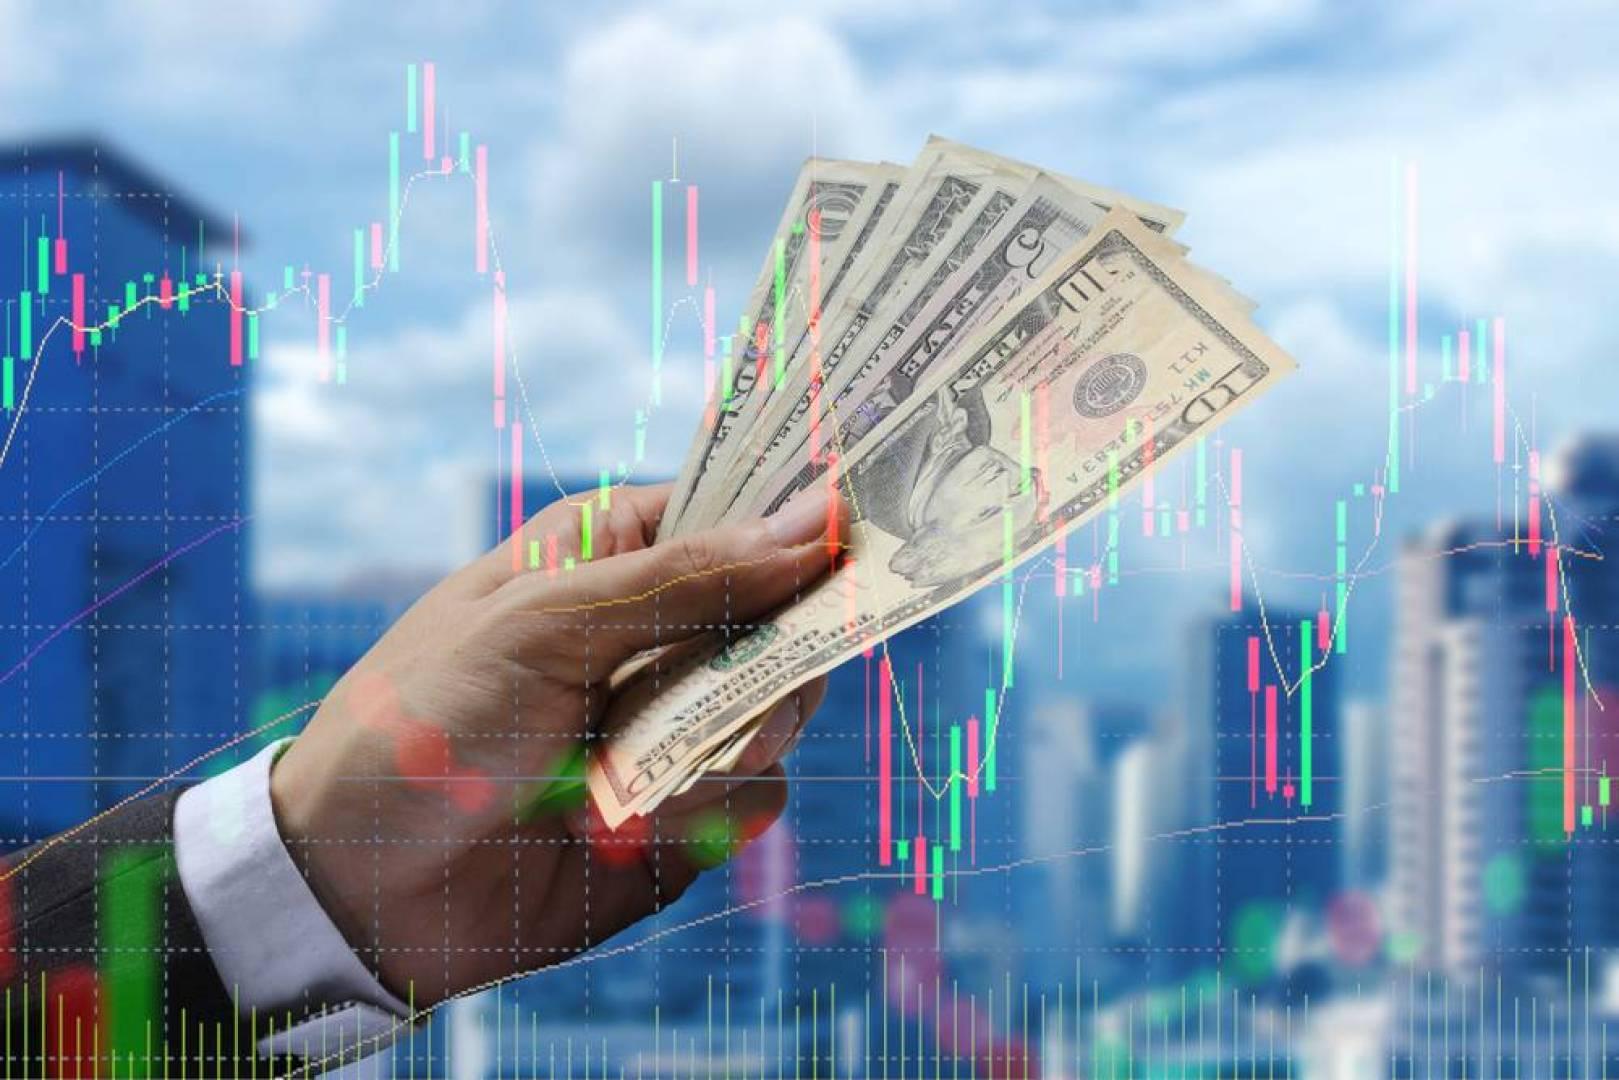 أسواق المال السعودية والخليجية تتراجع غداة الانهيار التاريخي لأسعار الخام الأميركي